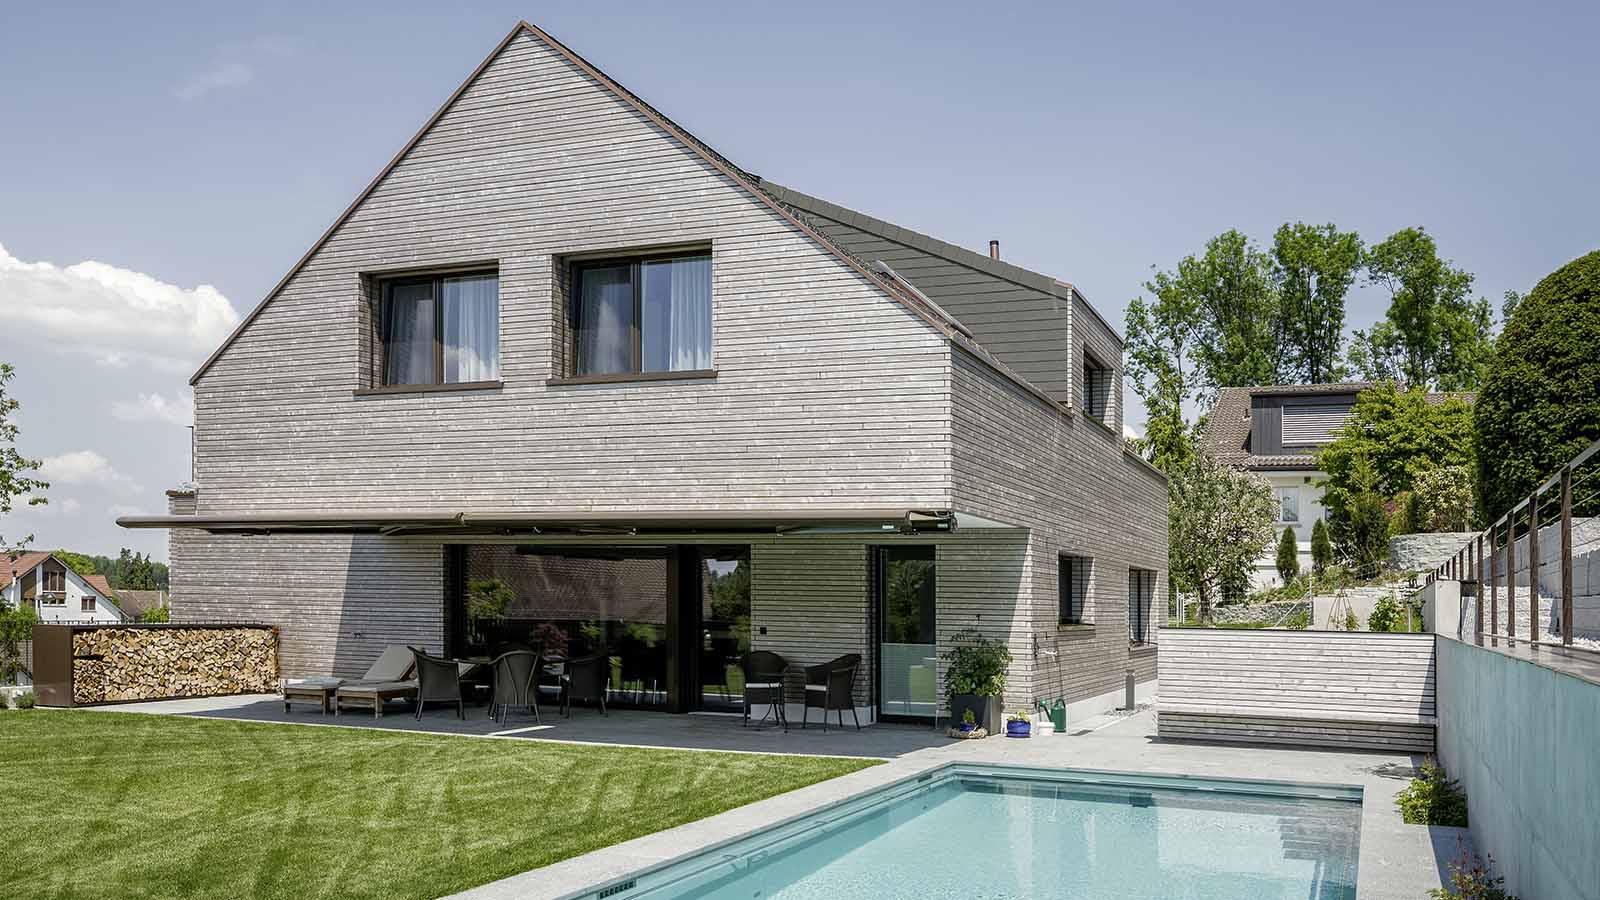 Ruegg Einfamilienhaus Holzbau